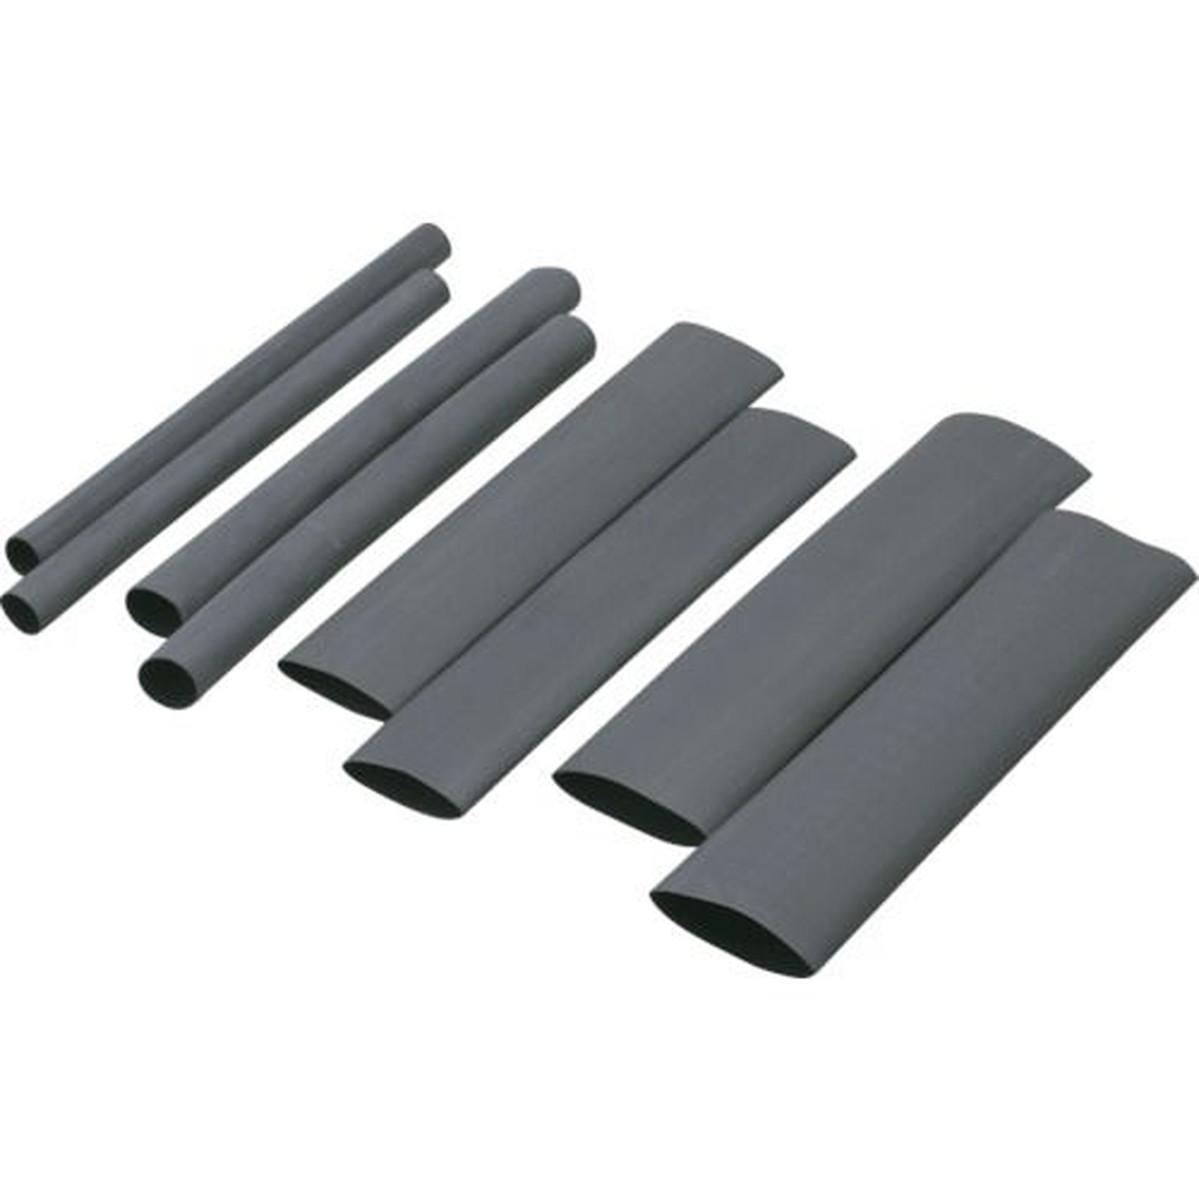 あす楽対応 DIY用品 パンドウイット 熱収縮チューブ デポー 1S サイズコンビネーションパック 直輸入品激安 ラージタイプ